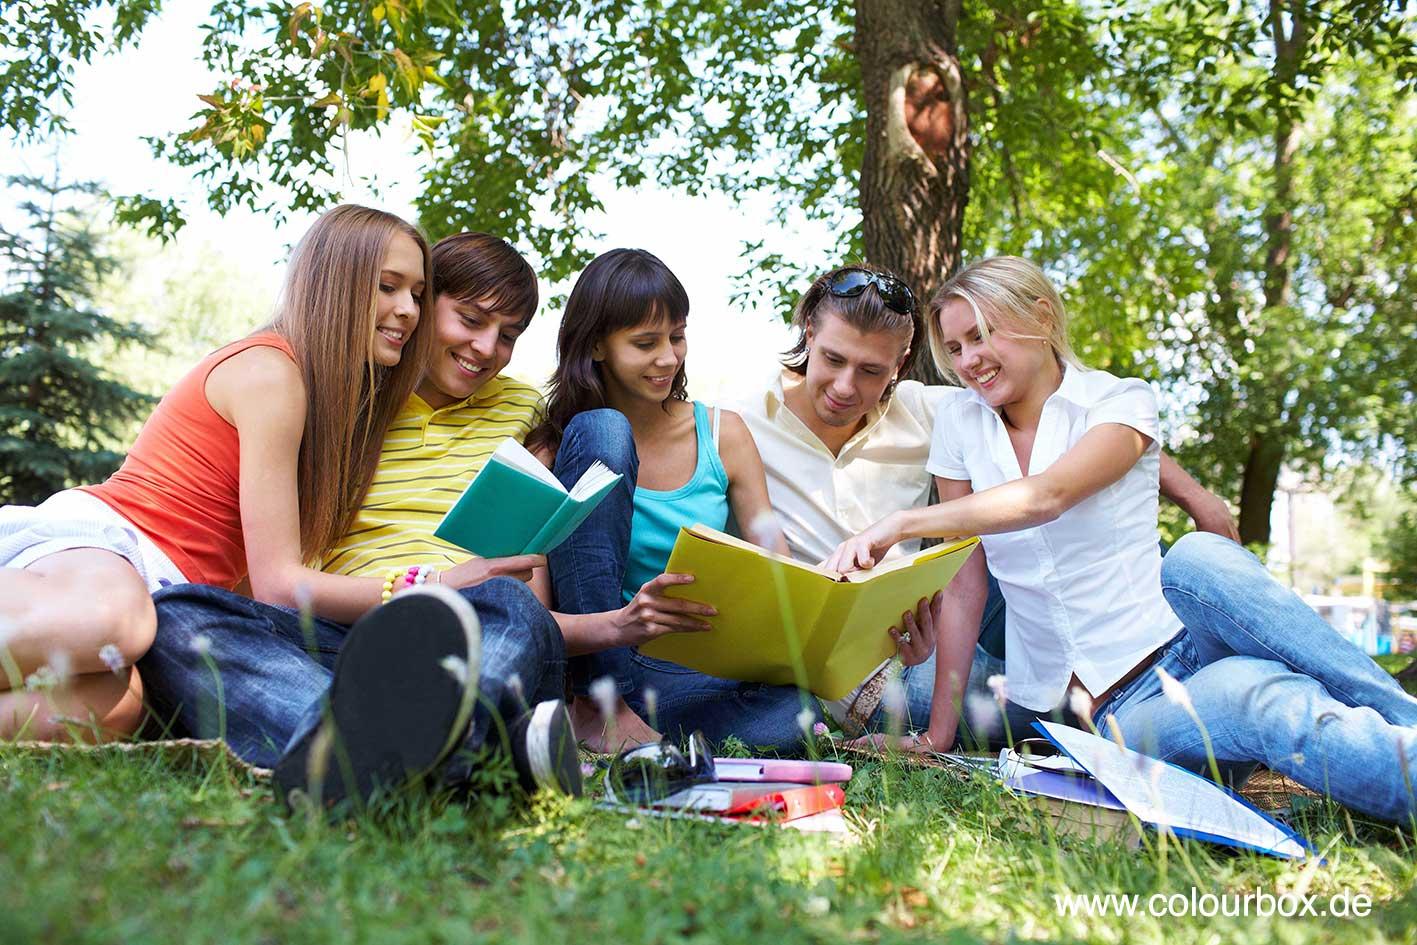 Hier sehen Sie ein Gruppe Studierender bei der Lektüre.